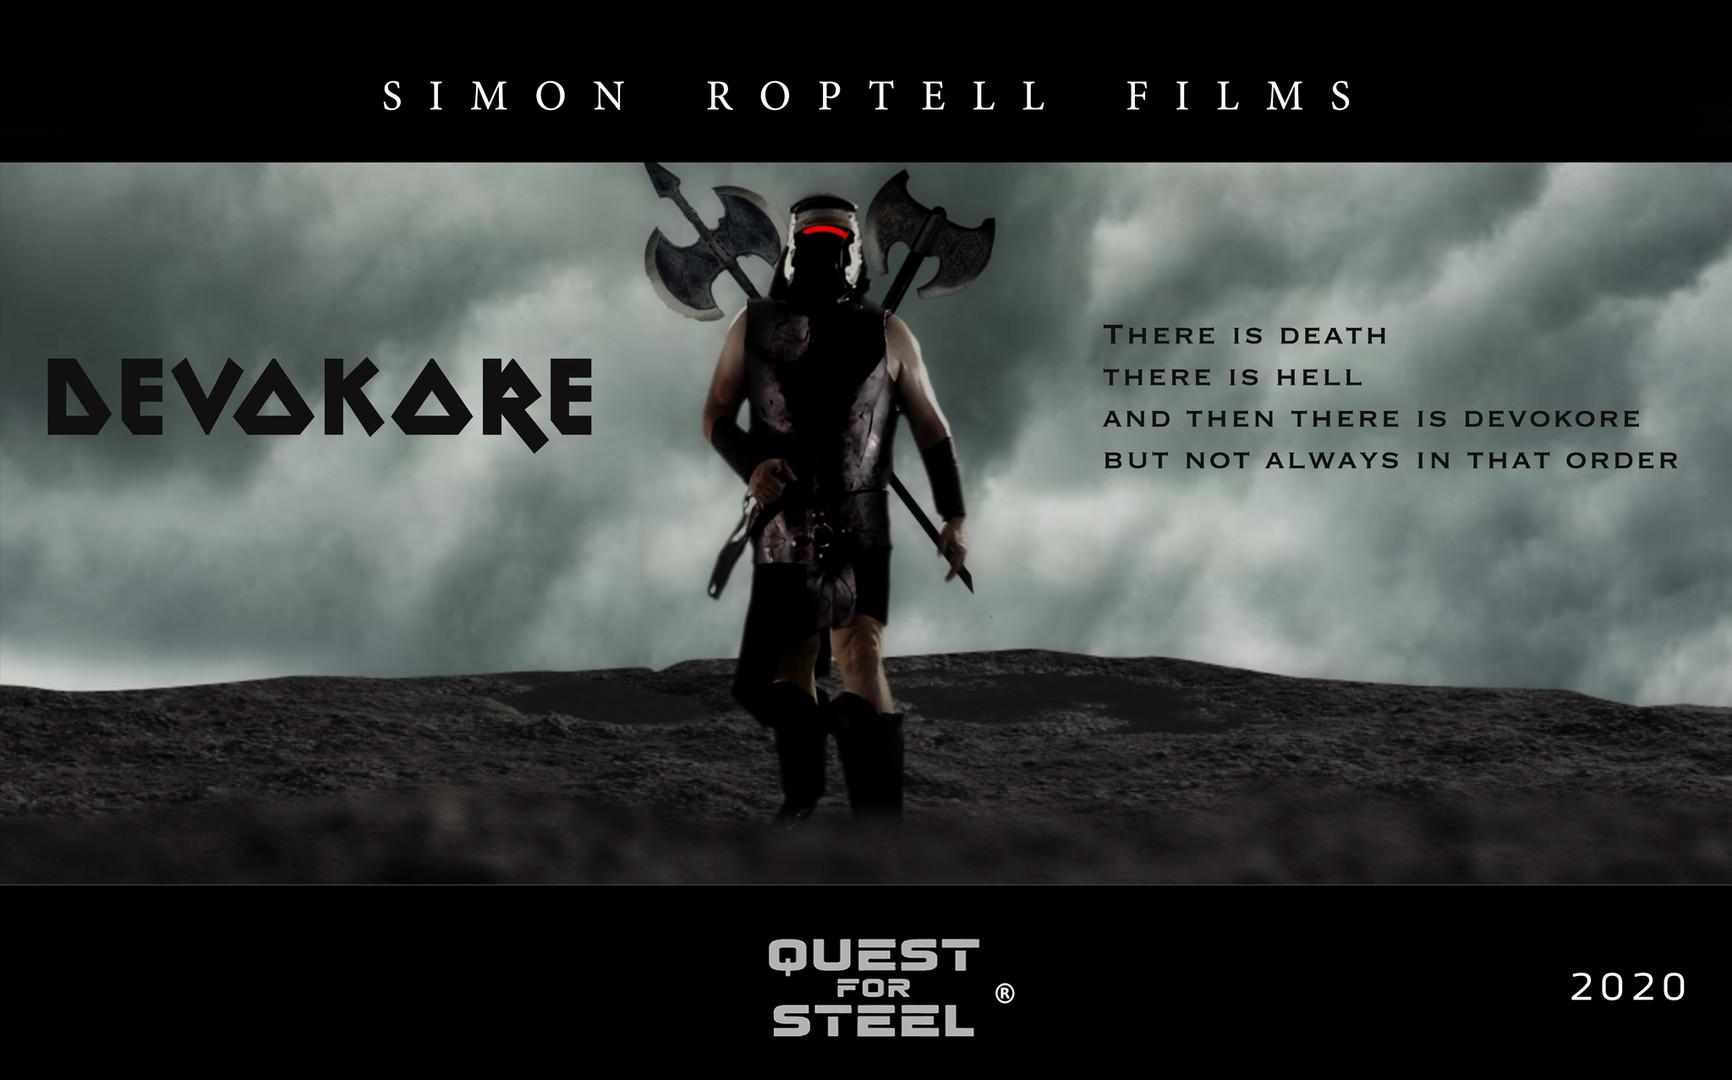 Devokore Hell's Warrior Quest for Steel.